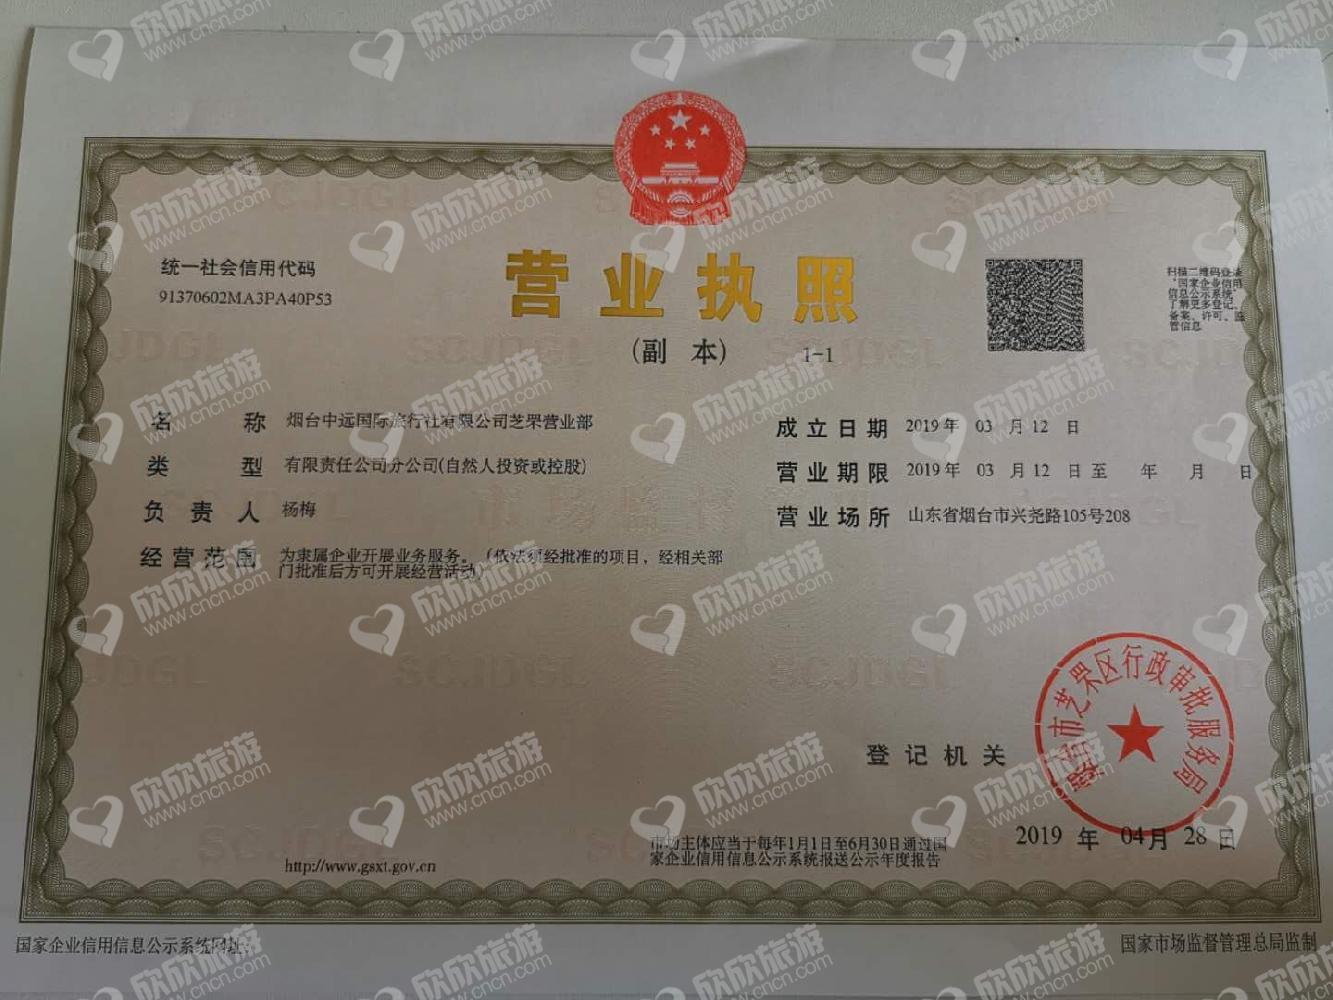 烟台中远国际旅行社有限公司芝罘营业部营业执照